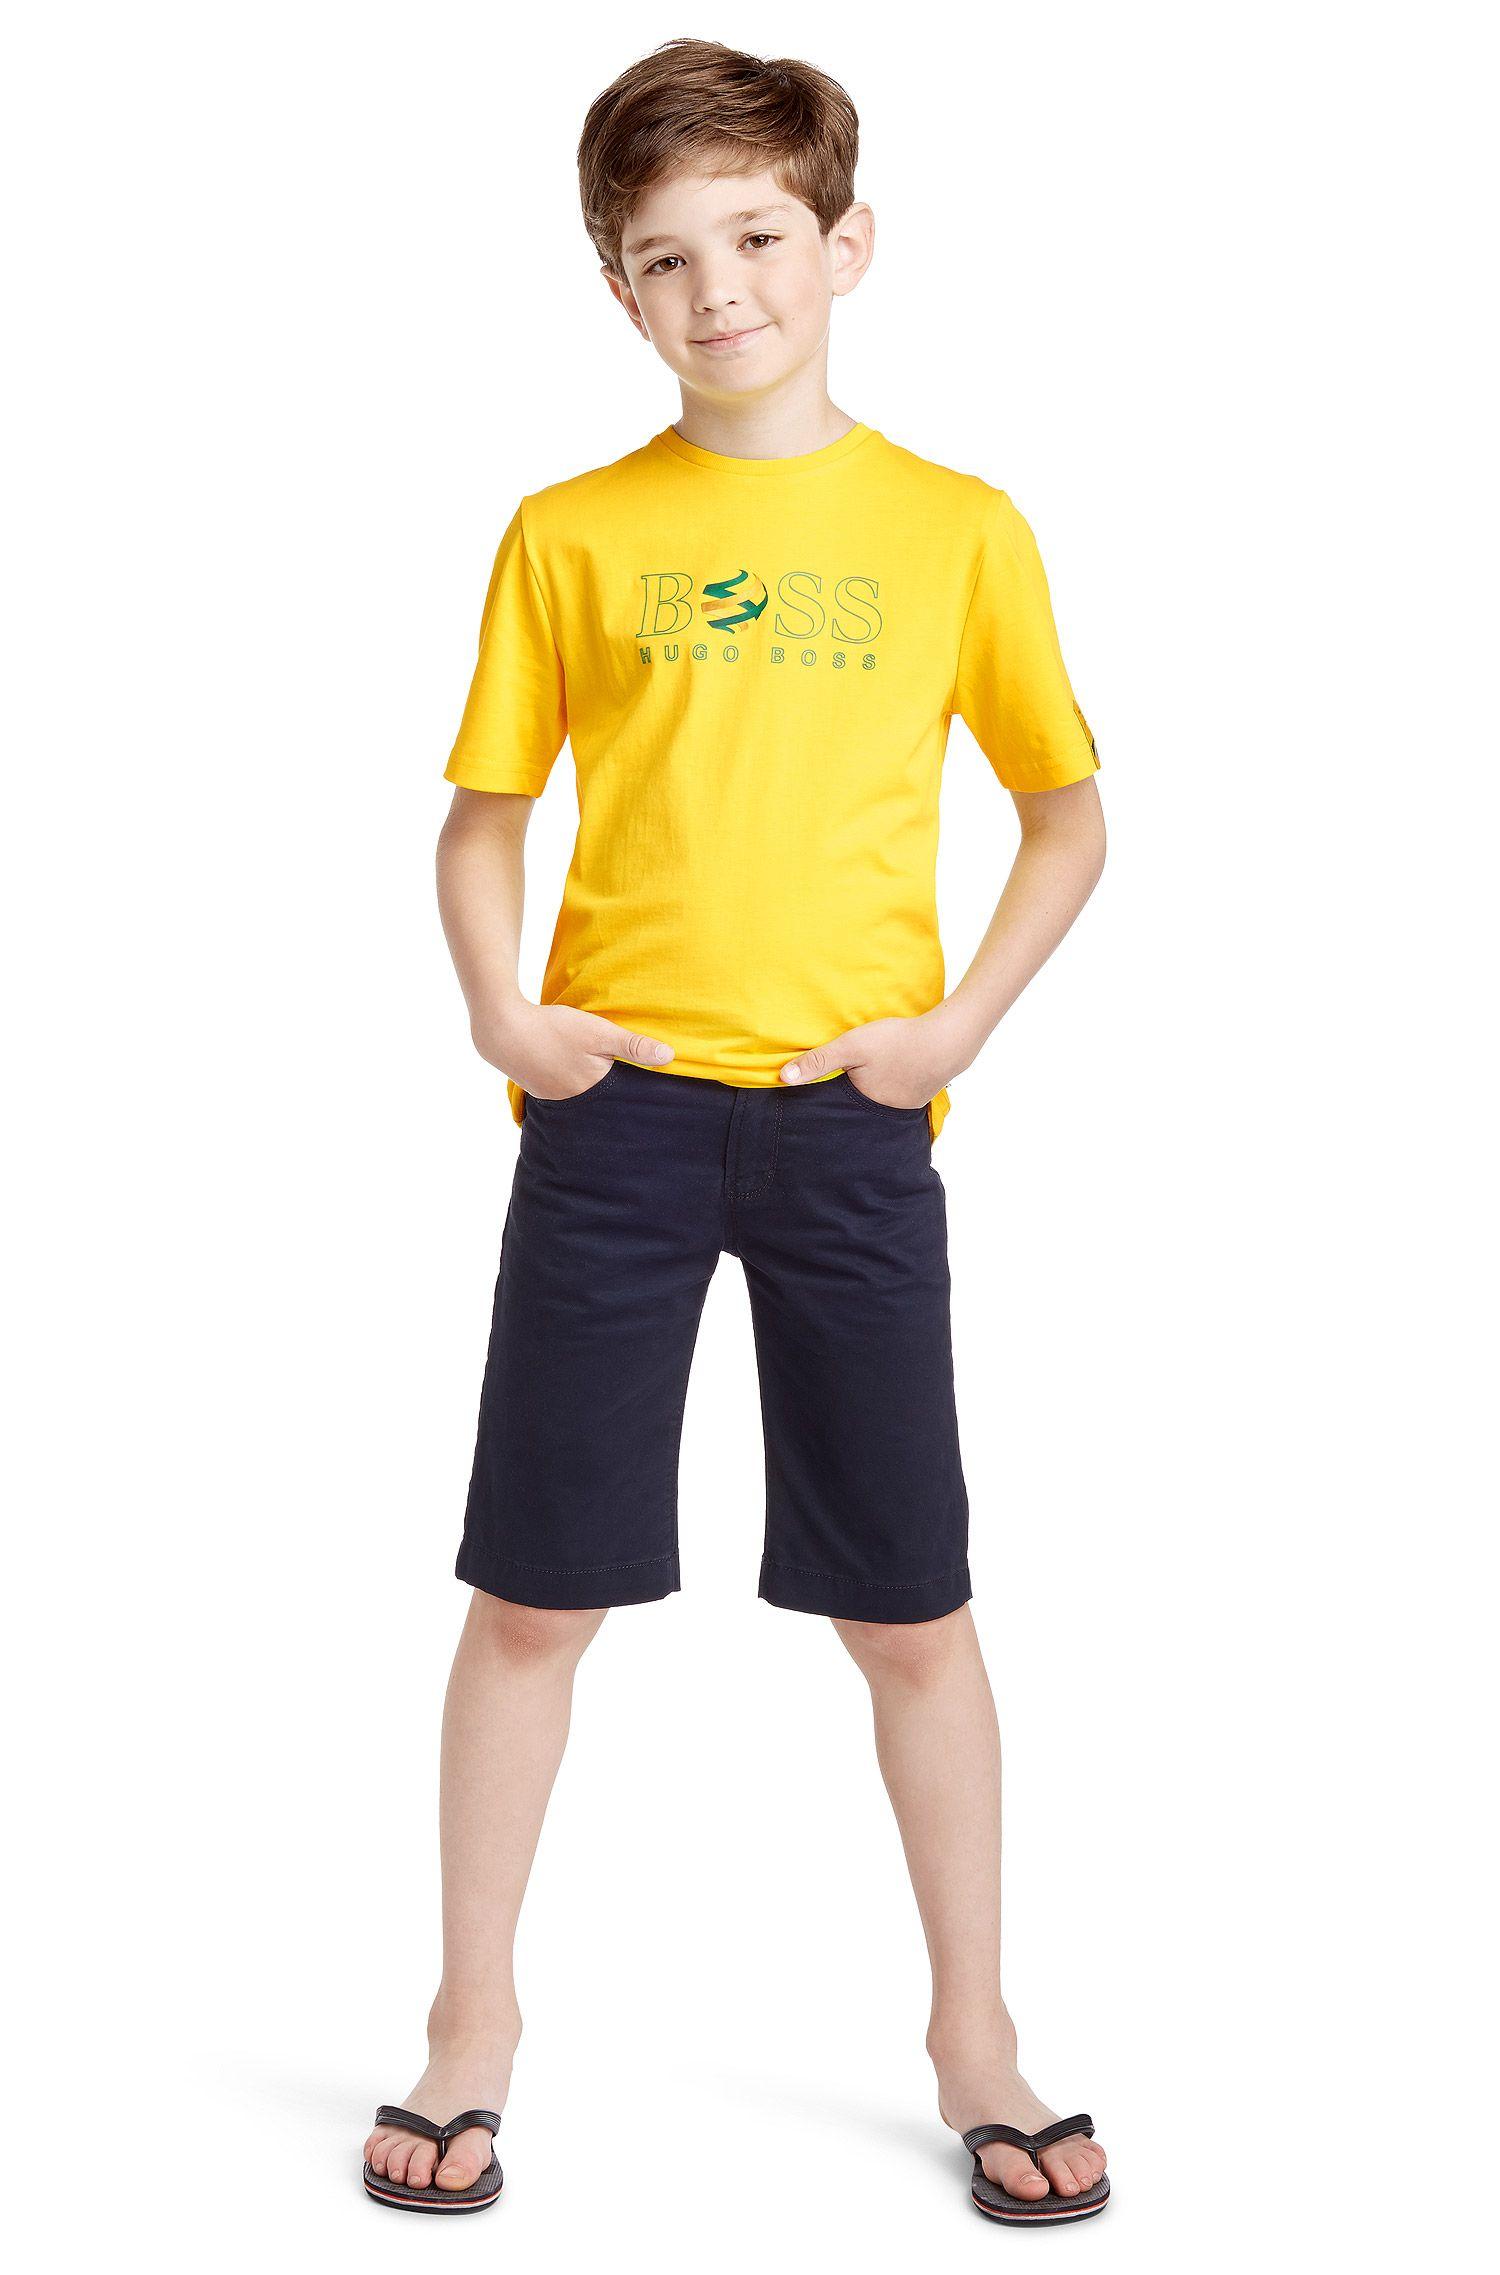 T-shirt pour enfant « J25670 » en coton